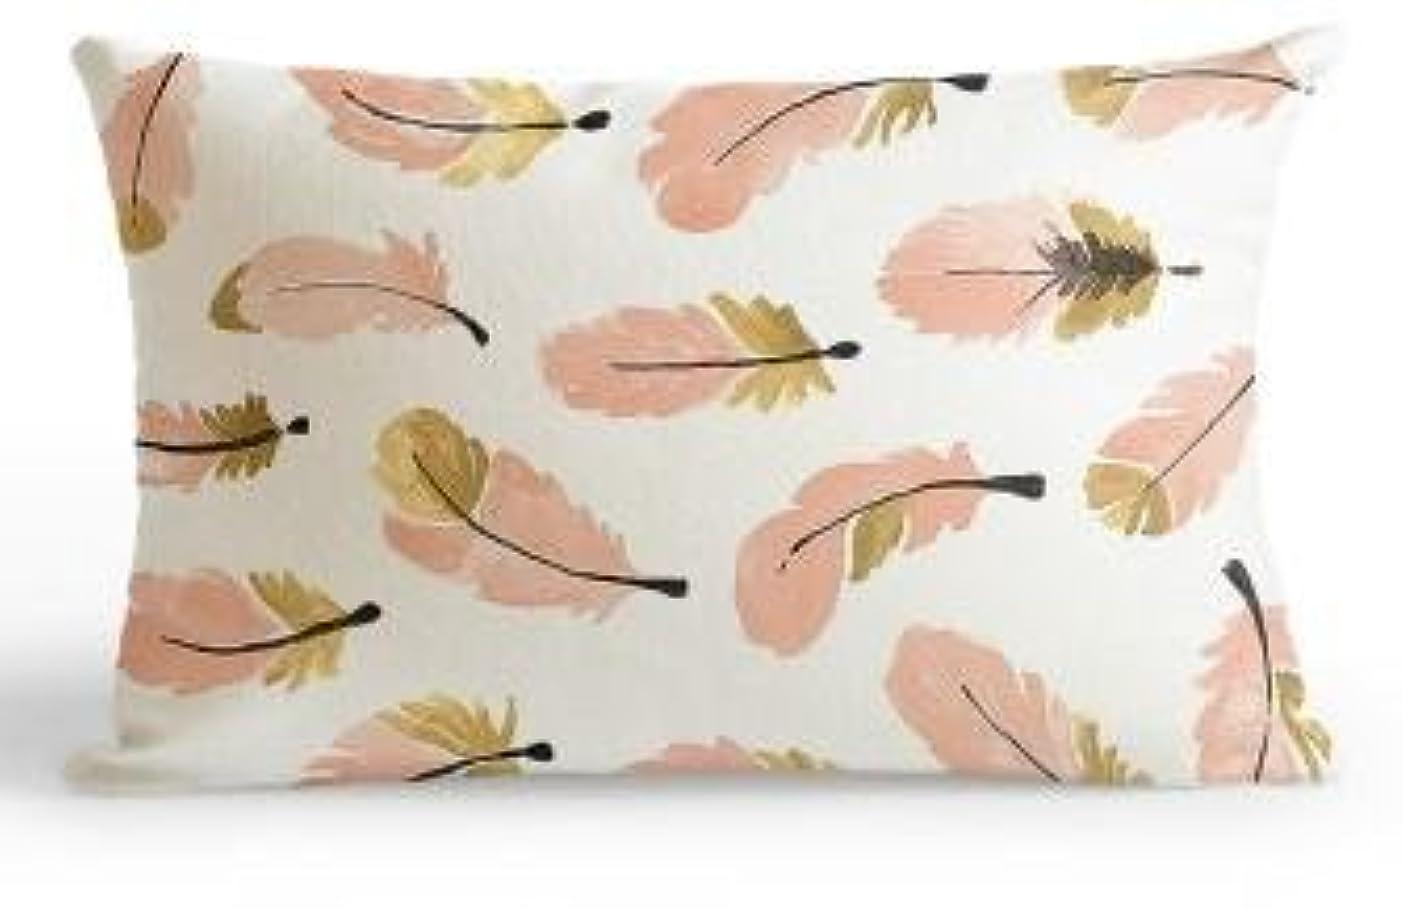 テナントマーキング検閲LIFE 新しいぬいぐるみピンクフラミンゴクッションガチョウの羽風船幾何北欧家の装飾ソファスロー枕用女の子ルーム装飾 クッション 椅子